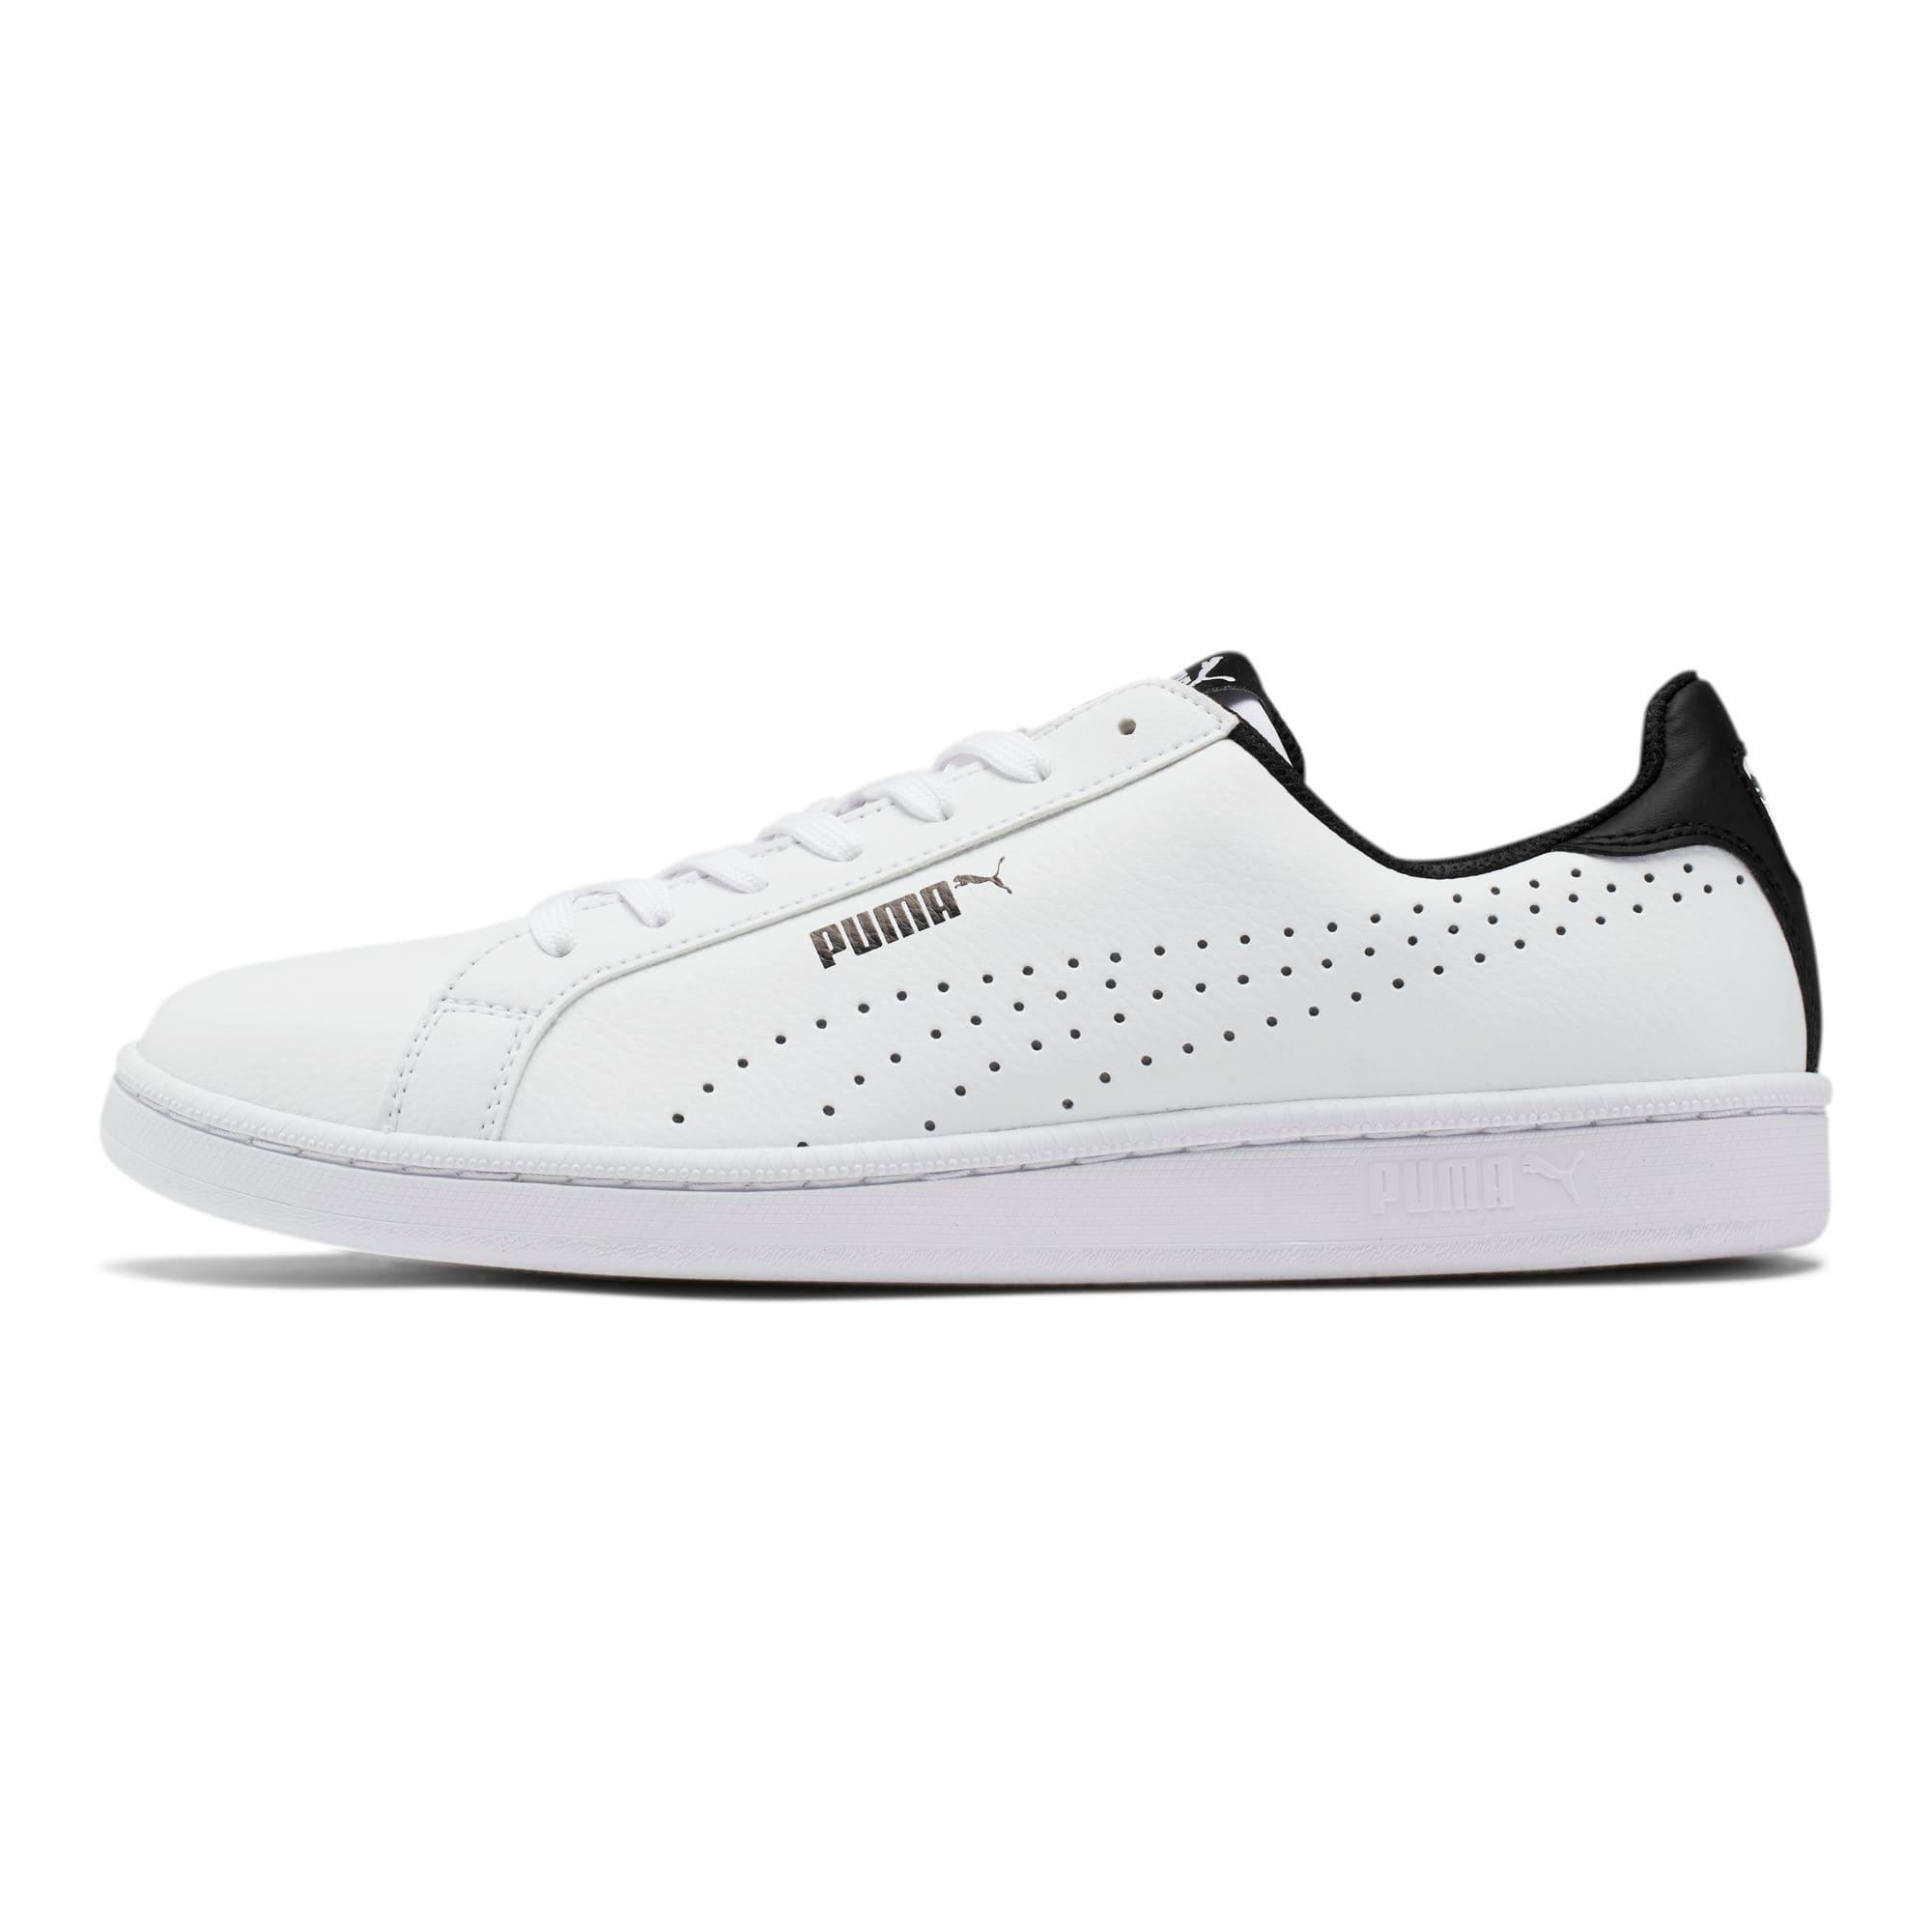 Thumbnail 1 of PUMA Smash Perf Sneakers, Puma White-Puma Black, medium